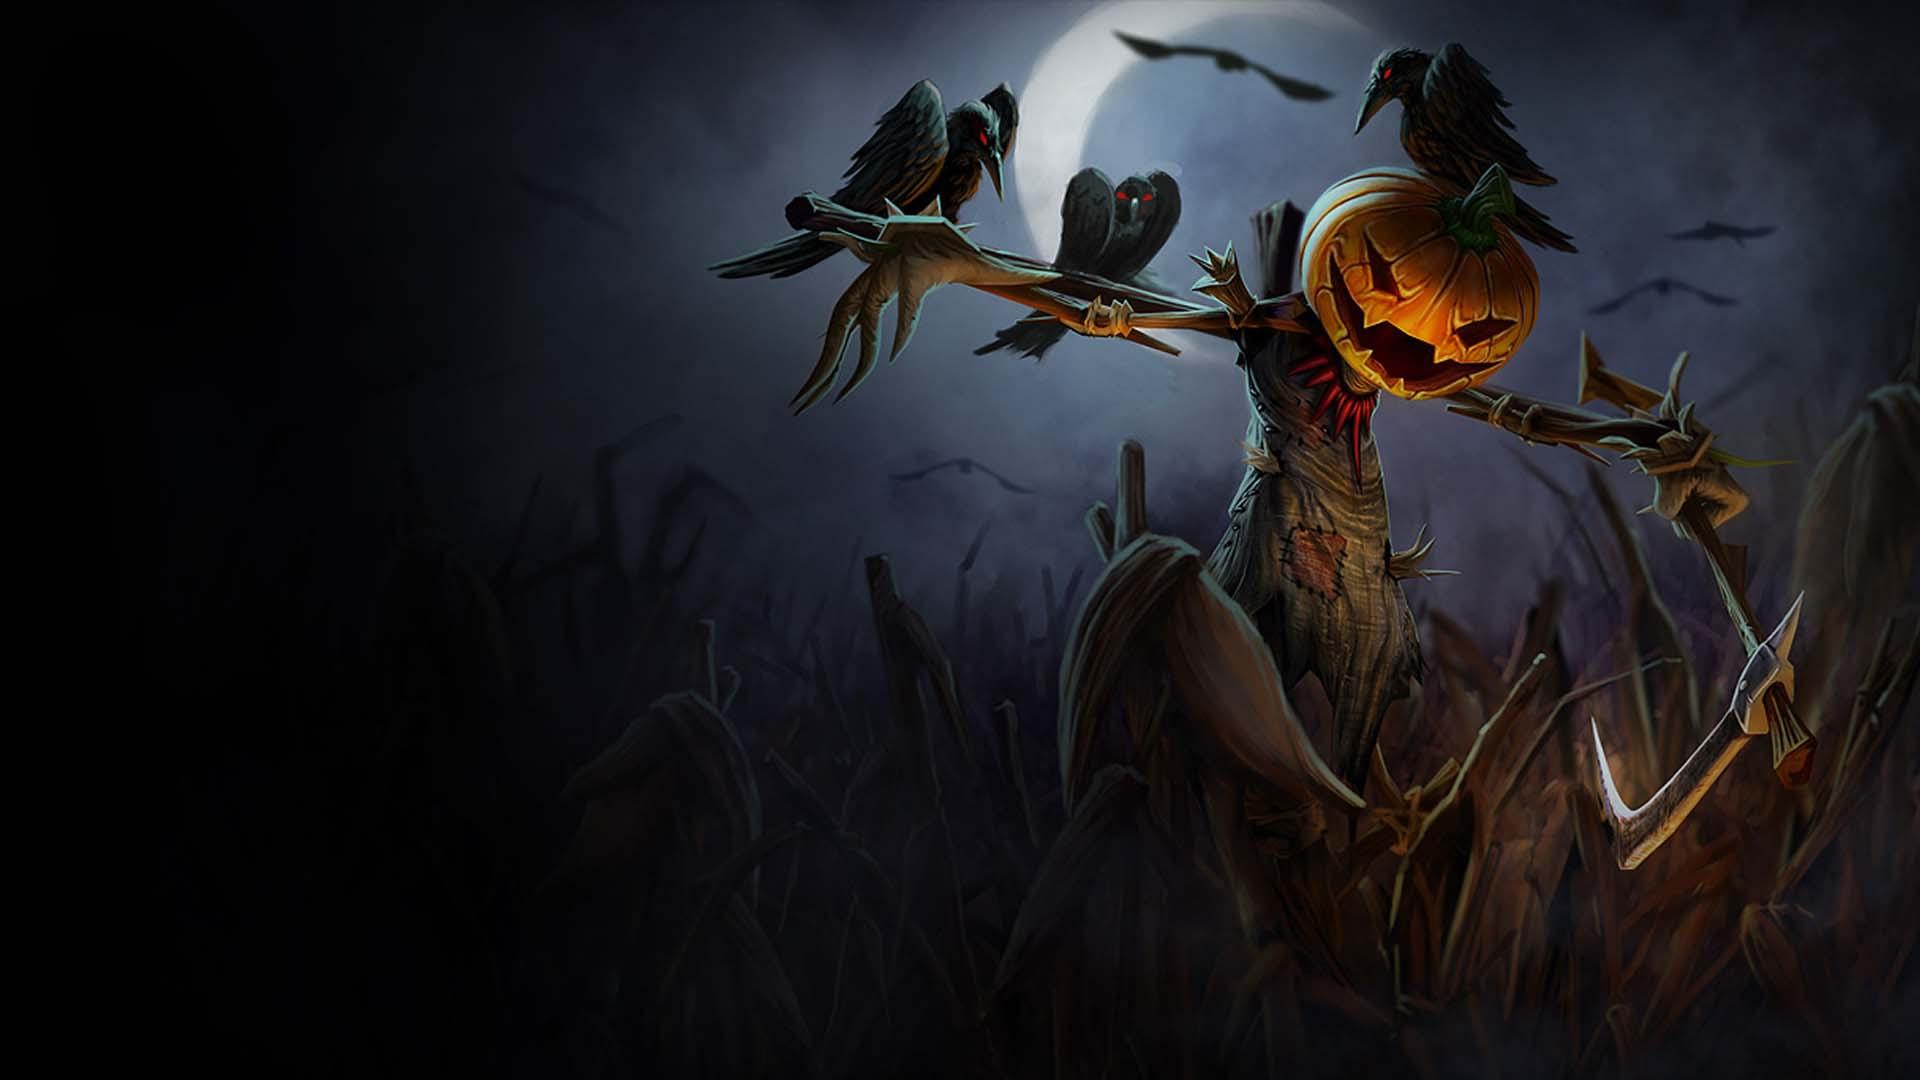 Ảnh nền Halloween cực đẹp